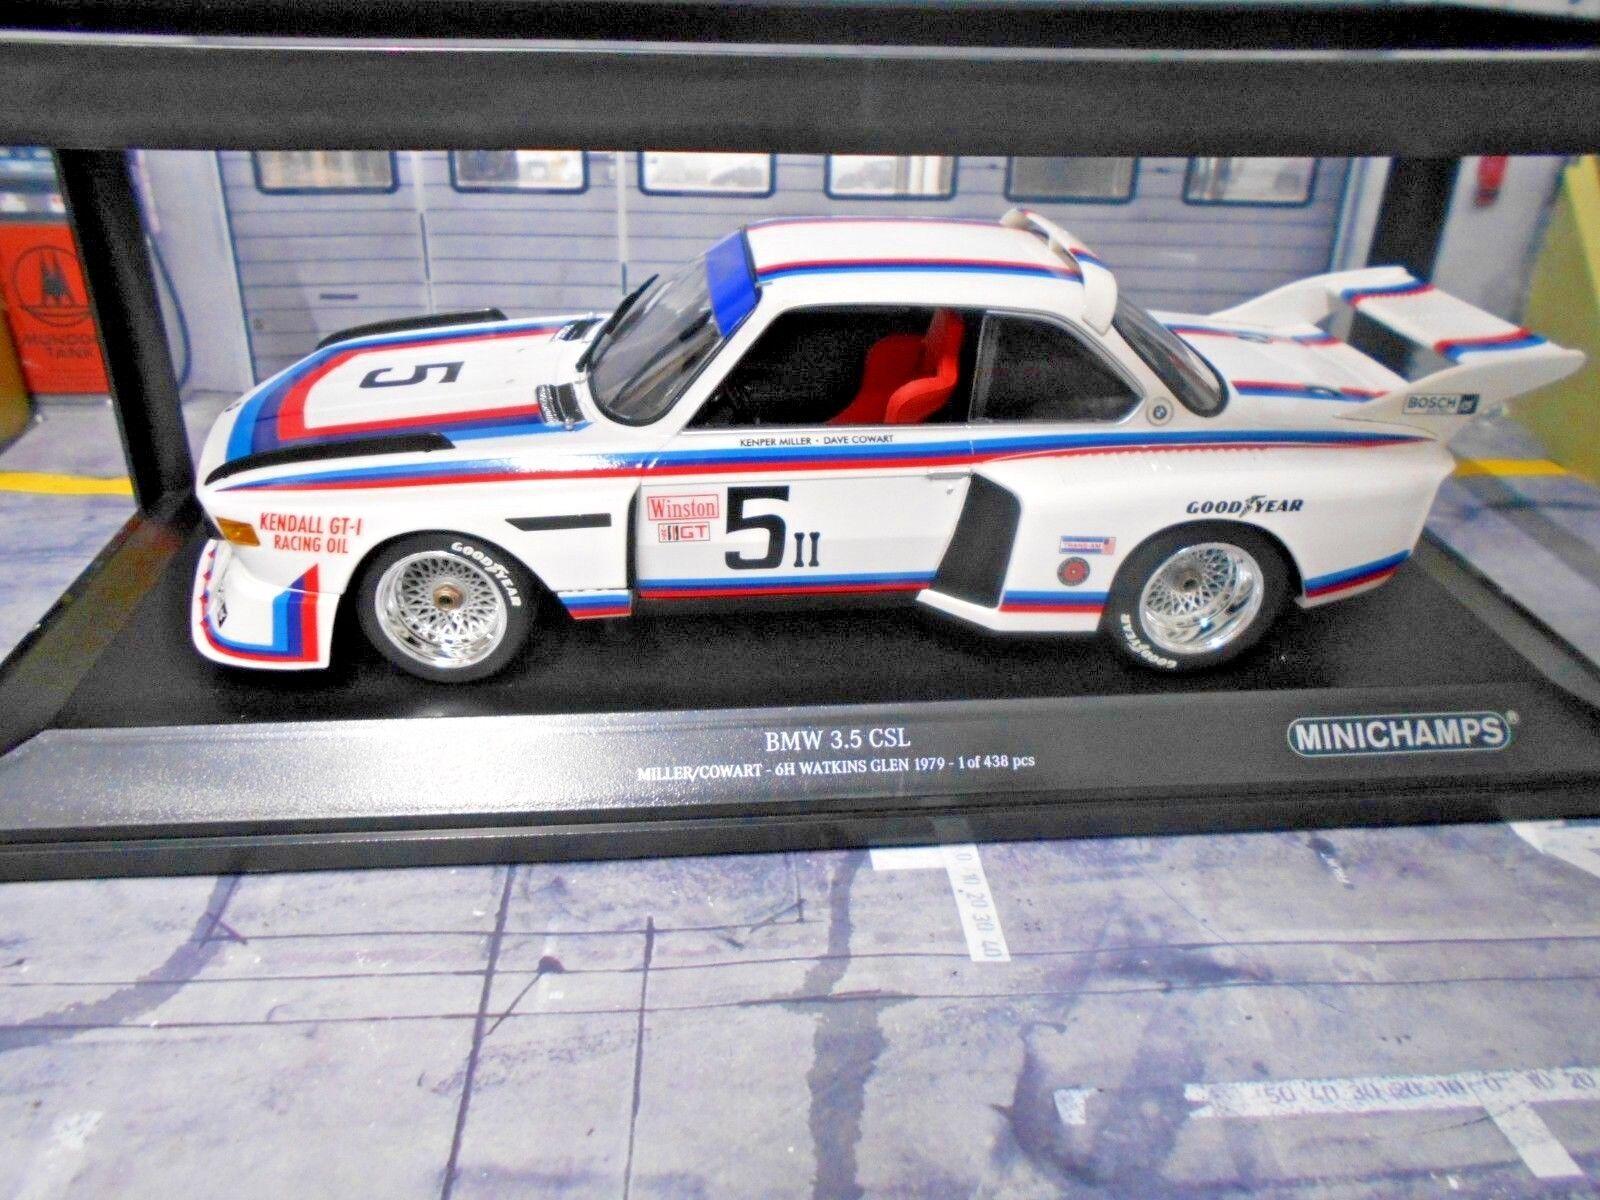 BMW 3.5 CSL 6 H H H Watkins Glen  5 Miller Cowart Kendall 1979 Nouveau MINICHAMPS 1 18 76f57d